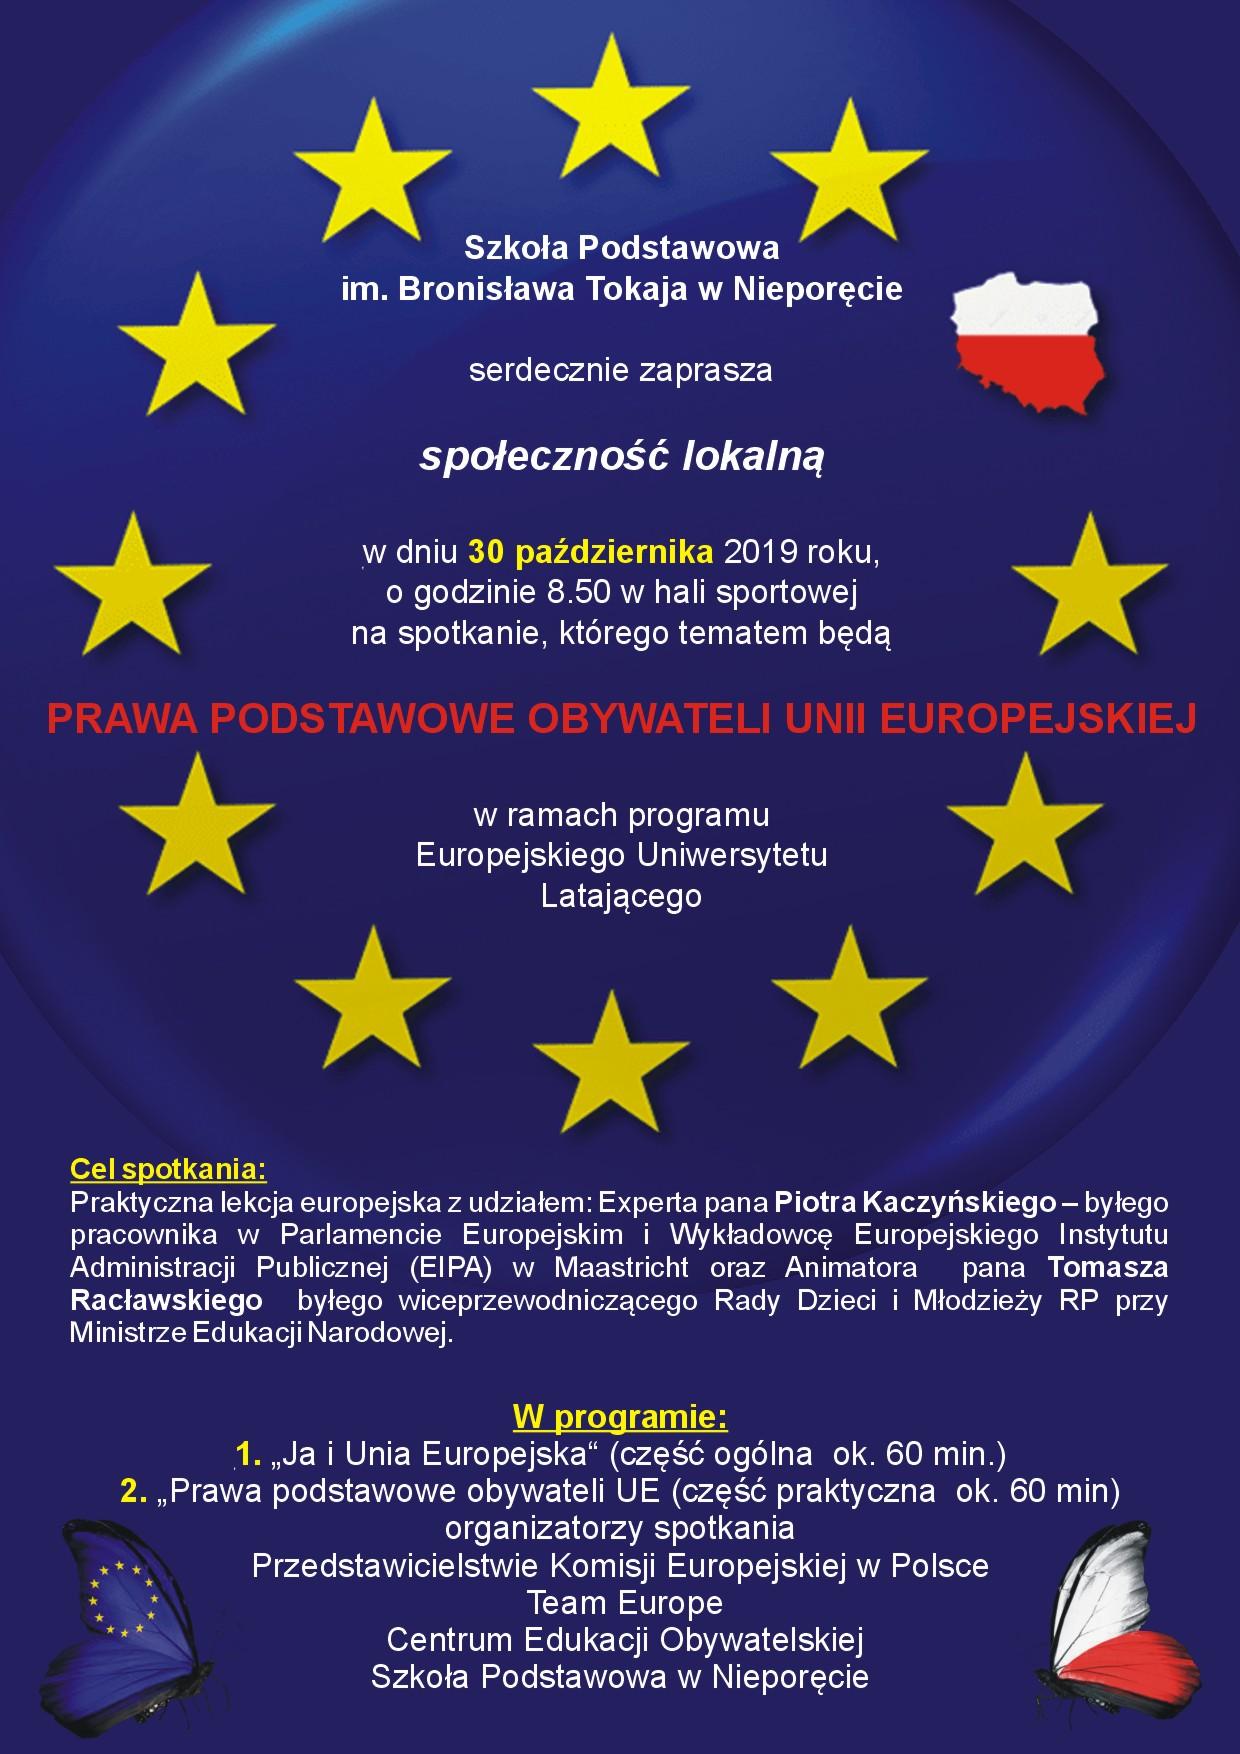 zaproszenie unia